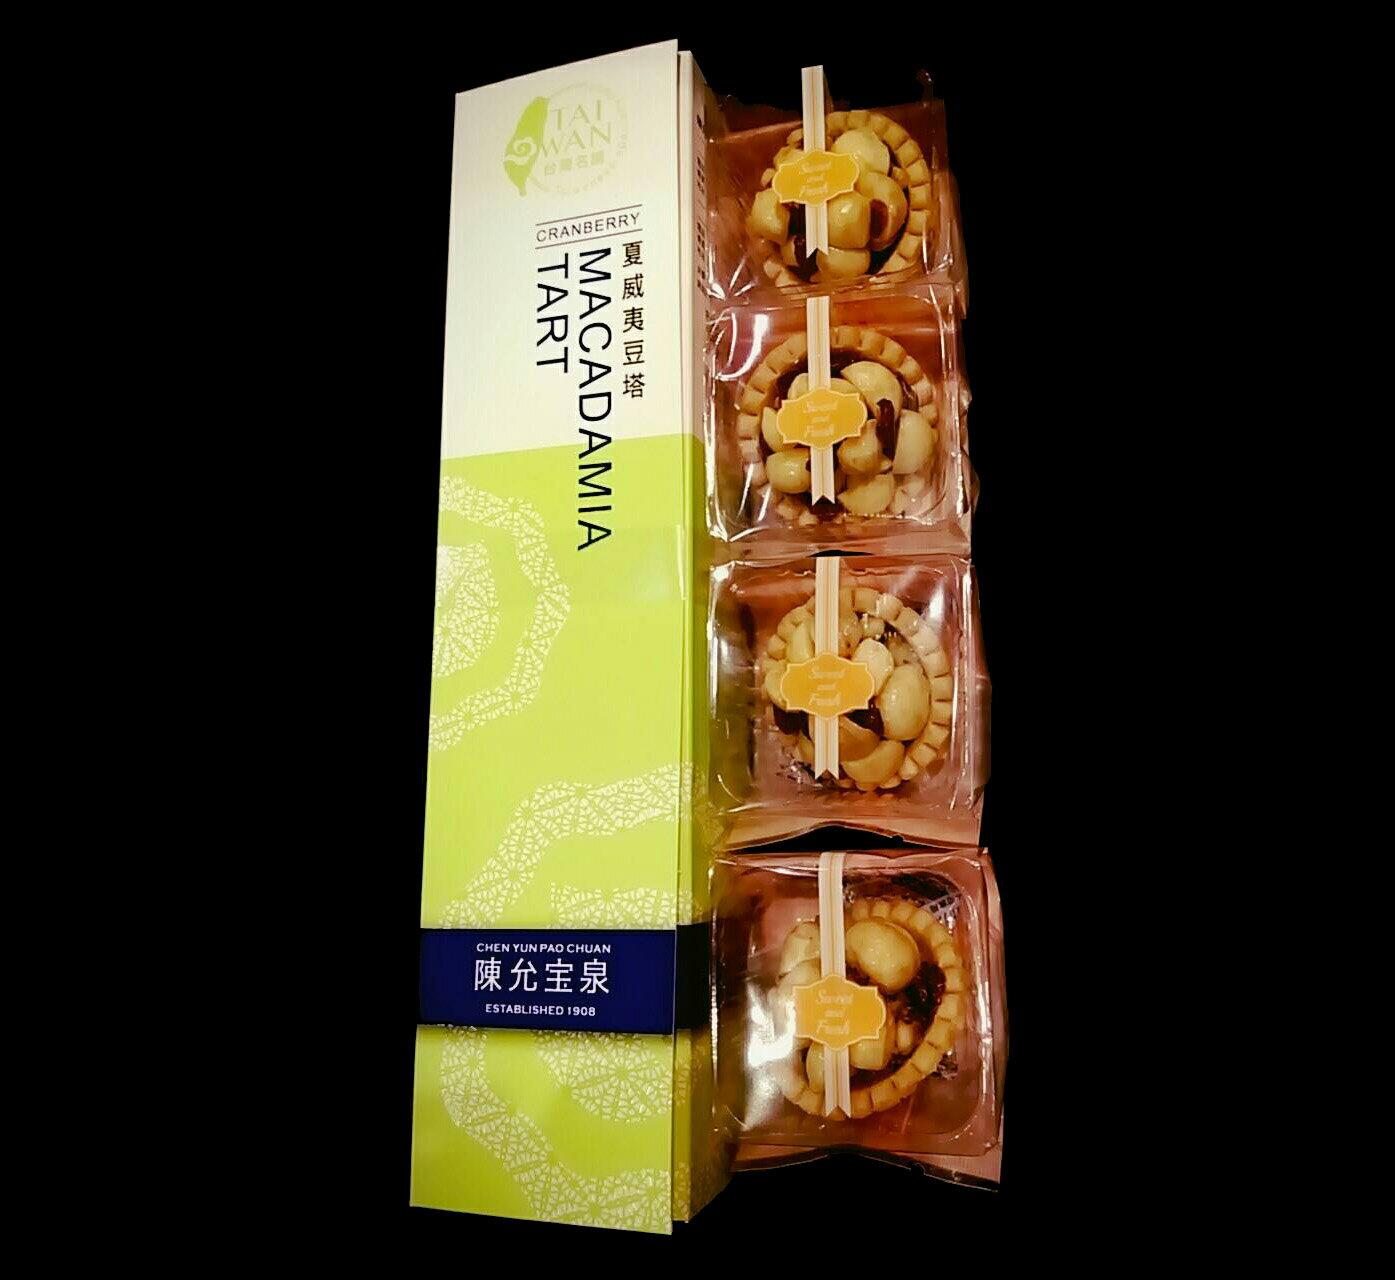 【台中伴手禮】夏威夷豆塔 / 精品甜點的送禮首選 1